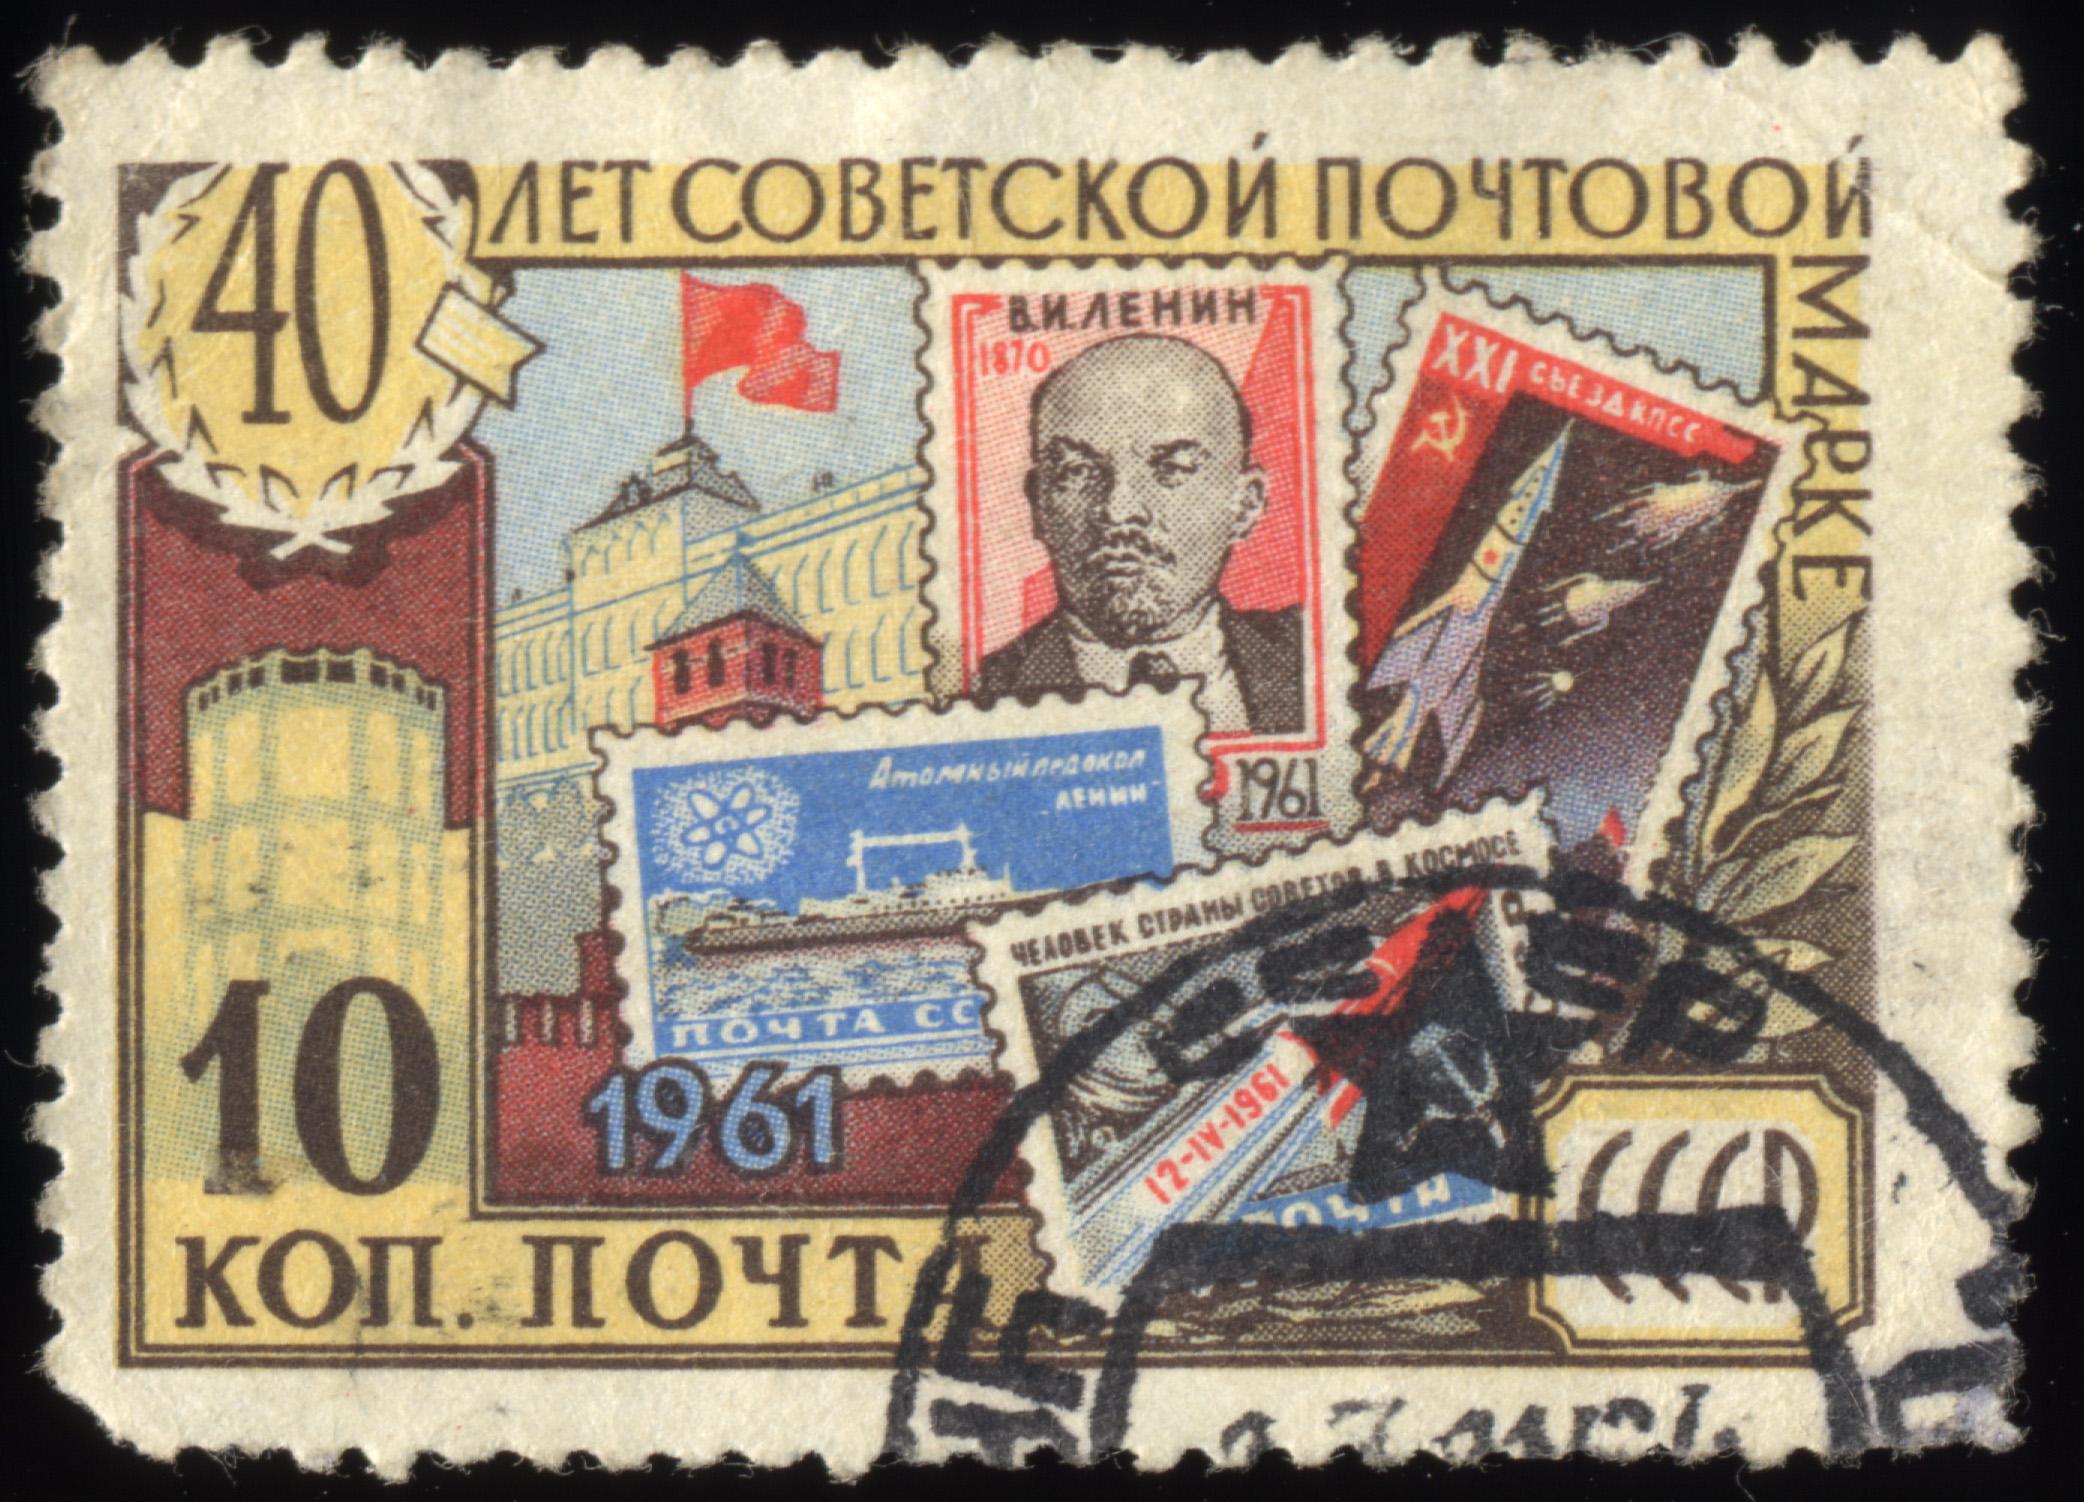 Марка почта ссср 1961 цена лопаты фискарс отзывы